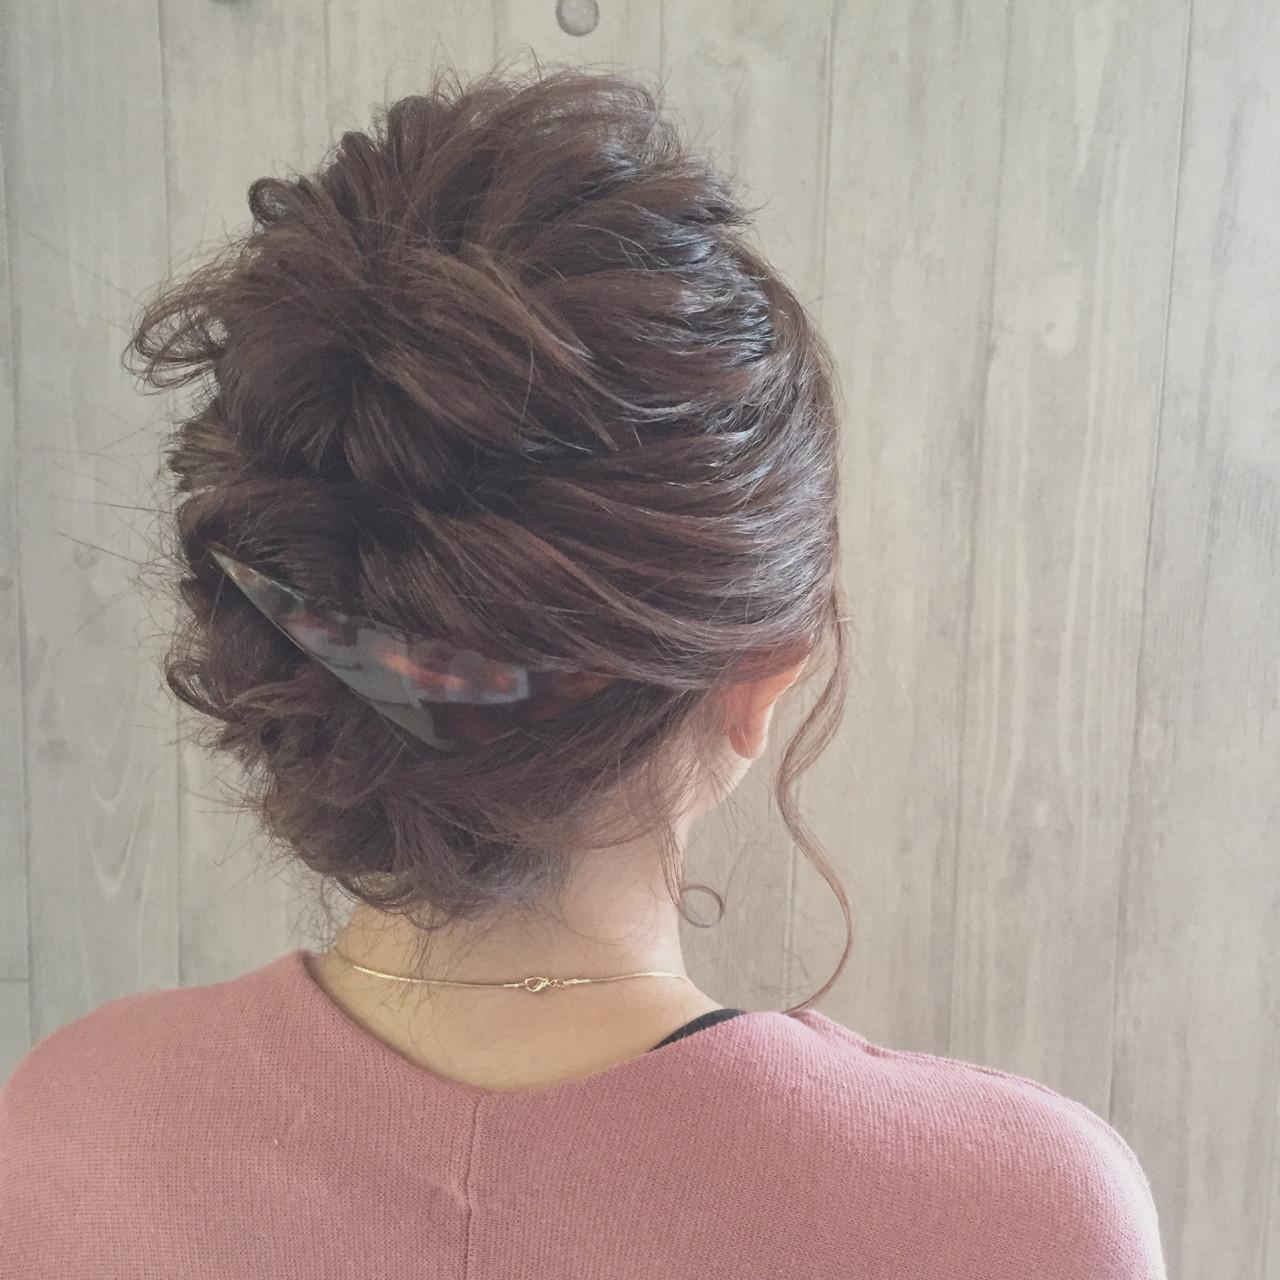 バレッタ くるりんぱ ボブ ヘアアレンジ ヘアスタイルや髪型の写真・画像